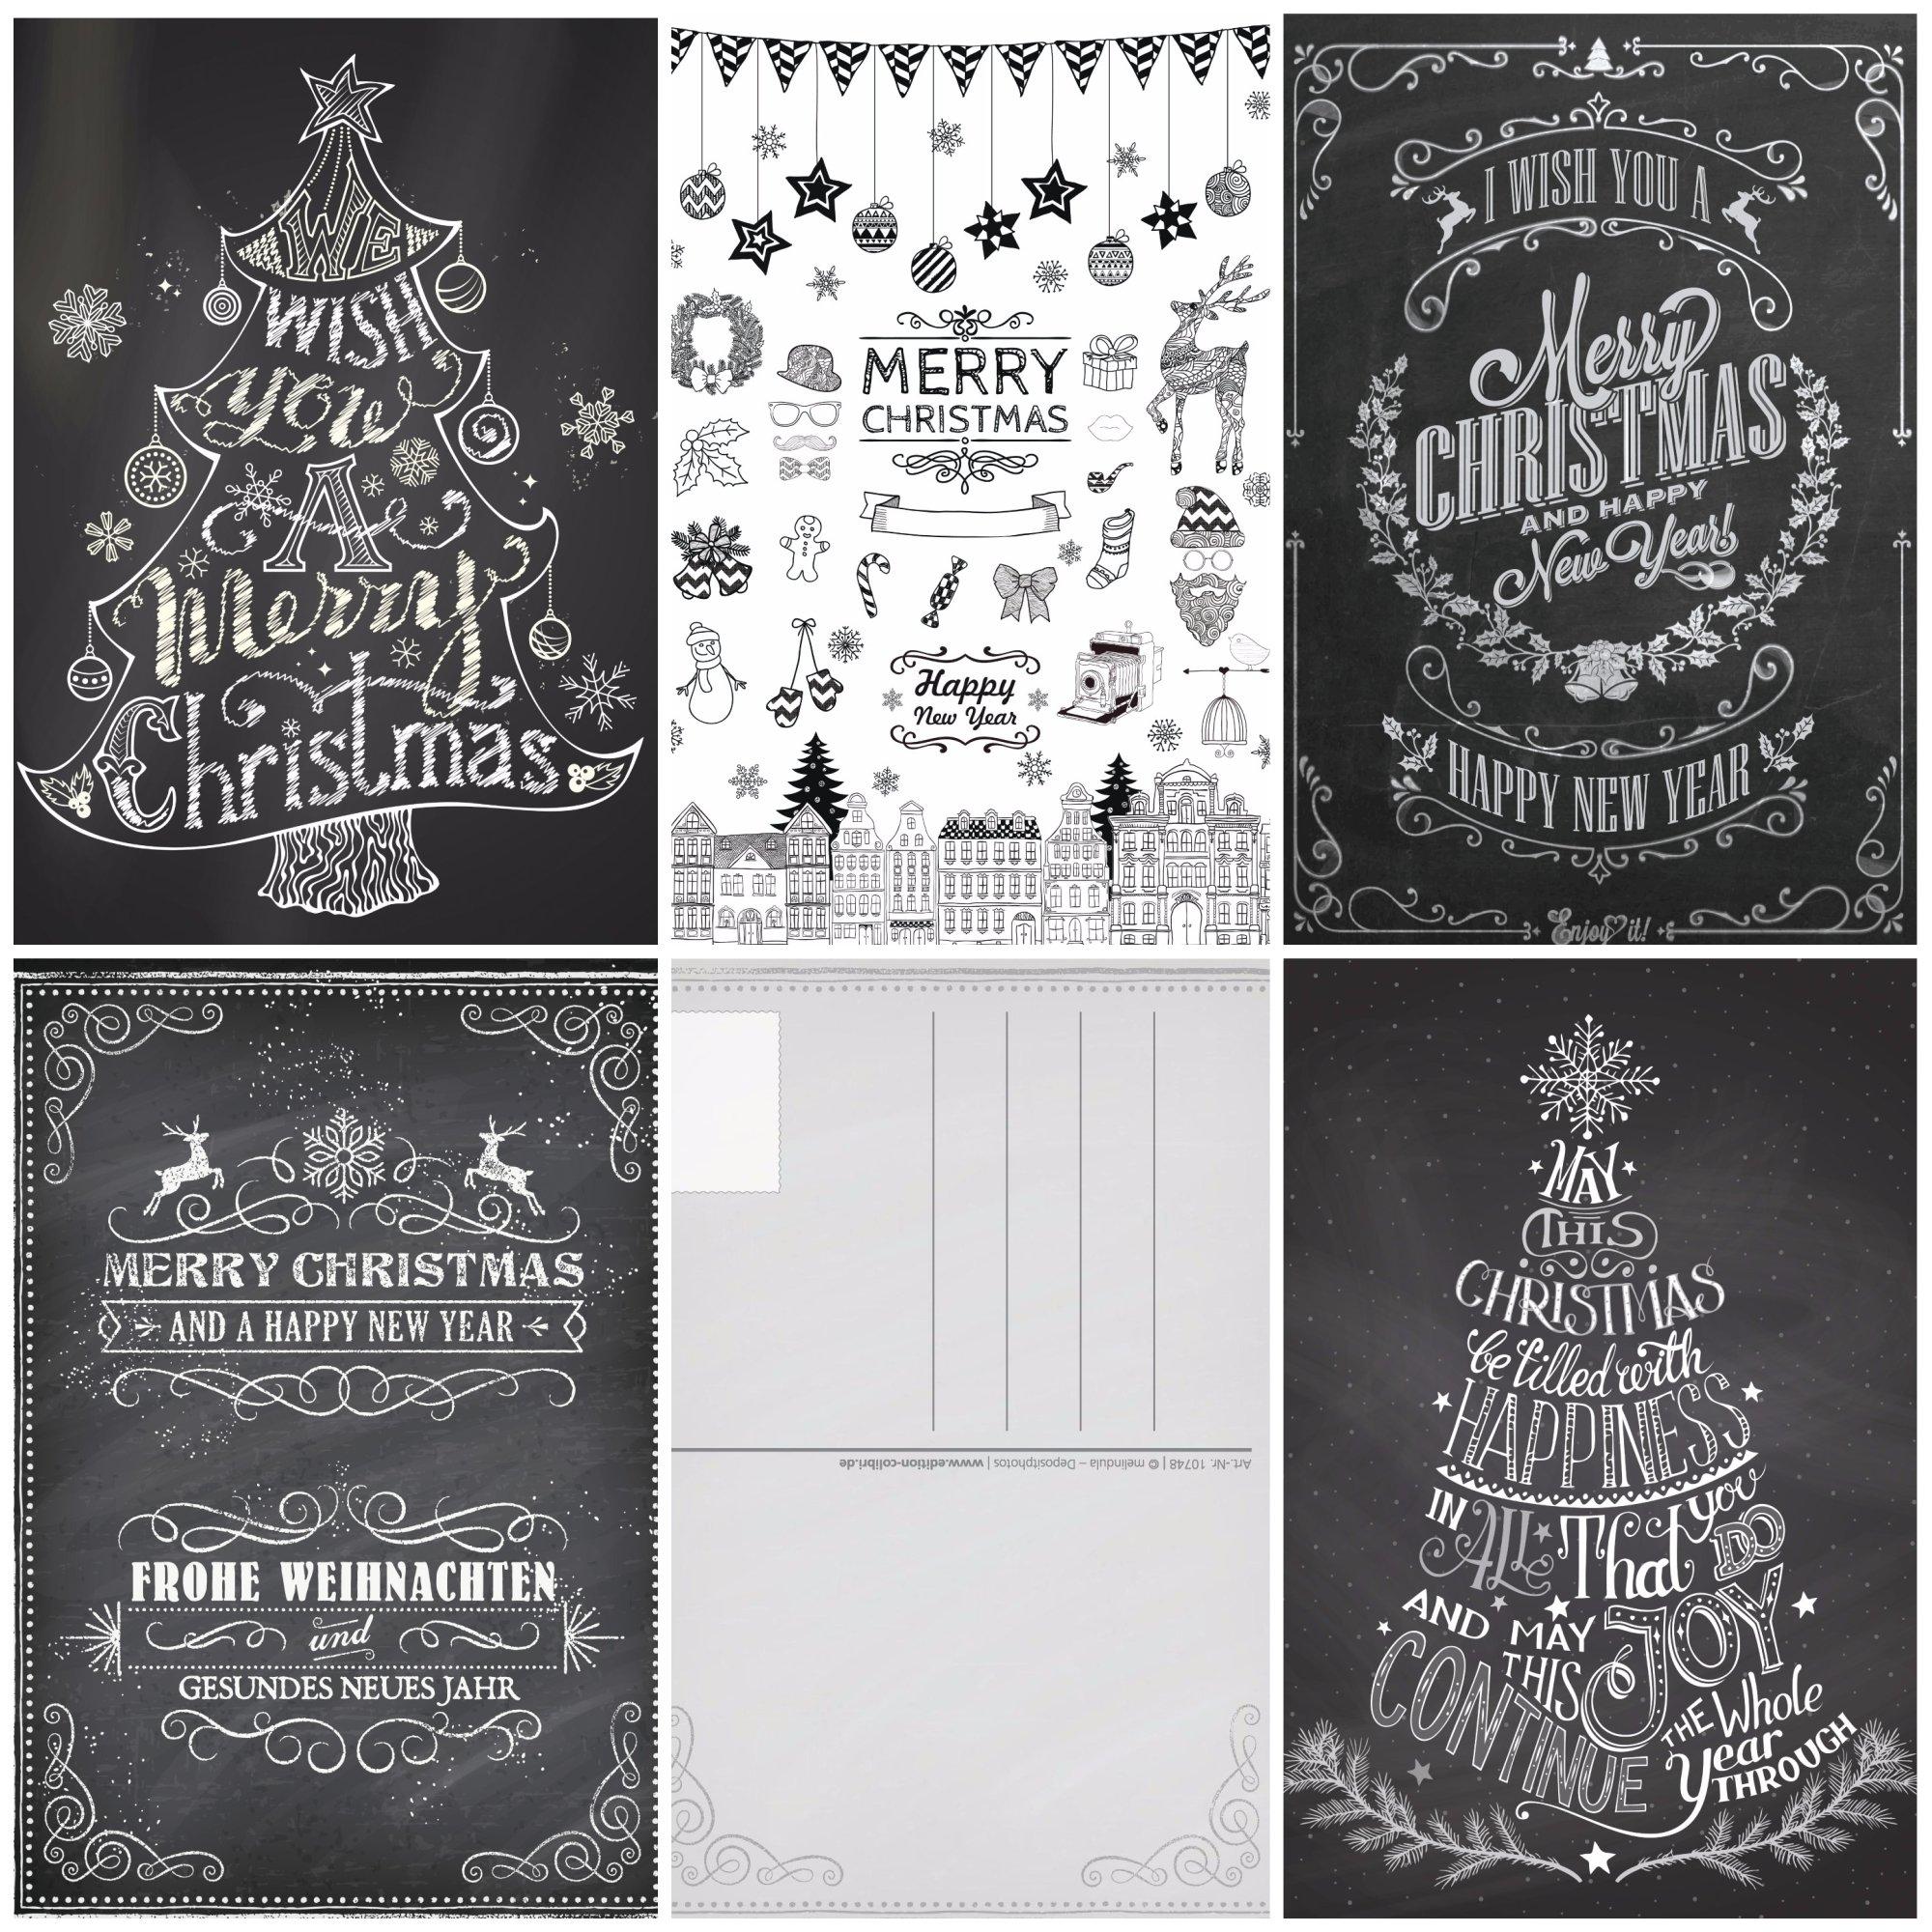 Weihnachtskarten Set Günstig.50 Weihnachtskarten Kreide Nostalgie Iii Grusskartenkaufen De